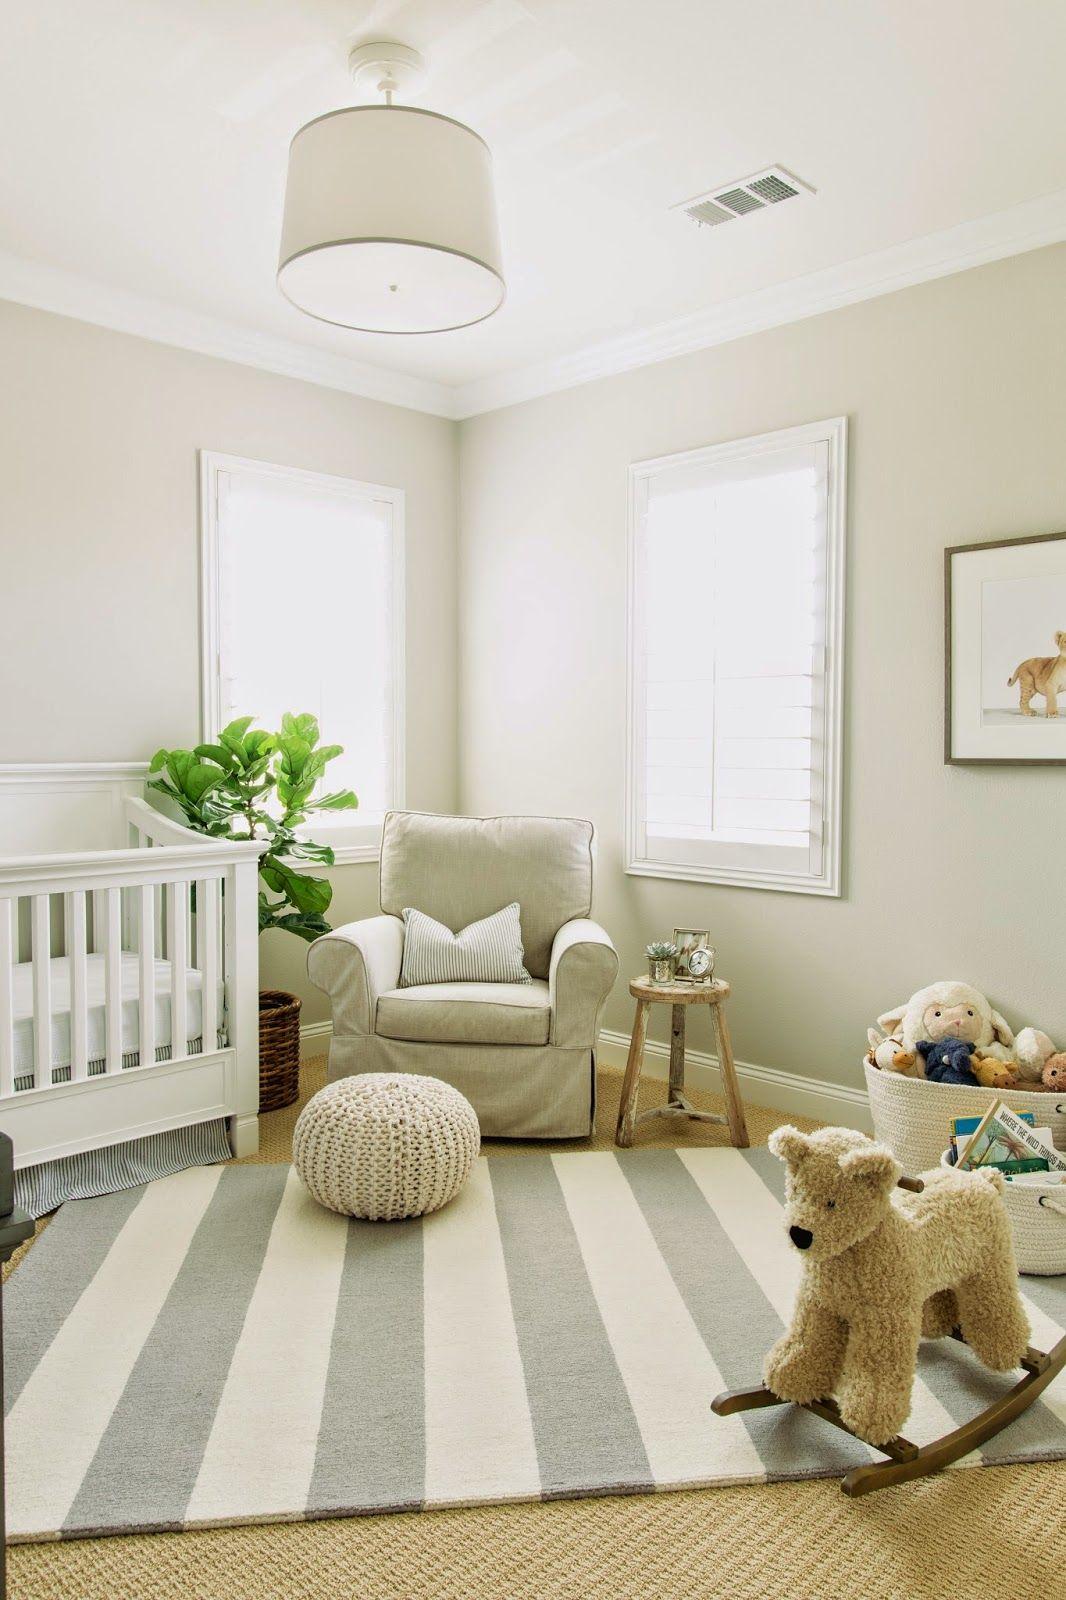 Farmhouse Nursery Nursery decor ideas Neutral Nursery